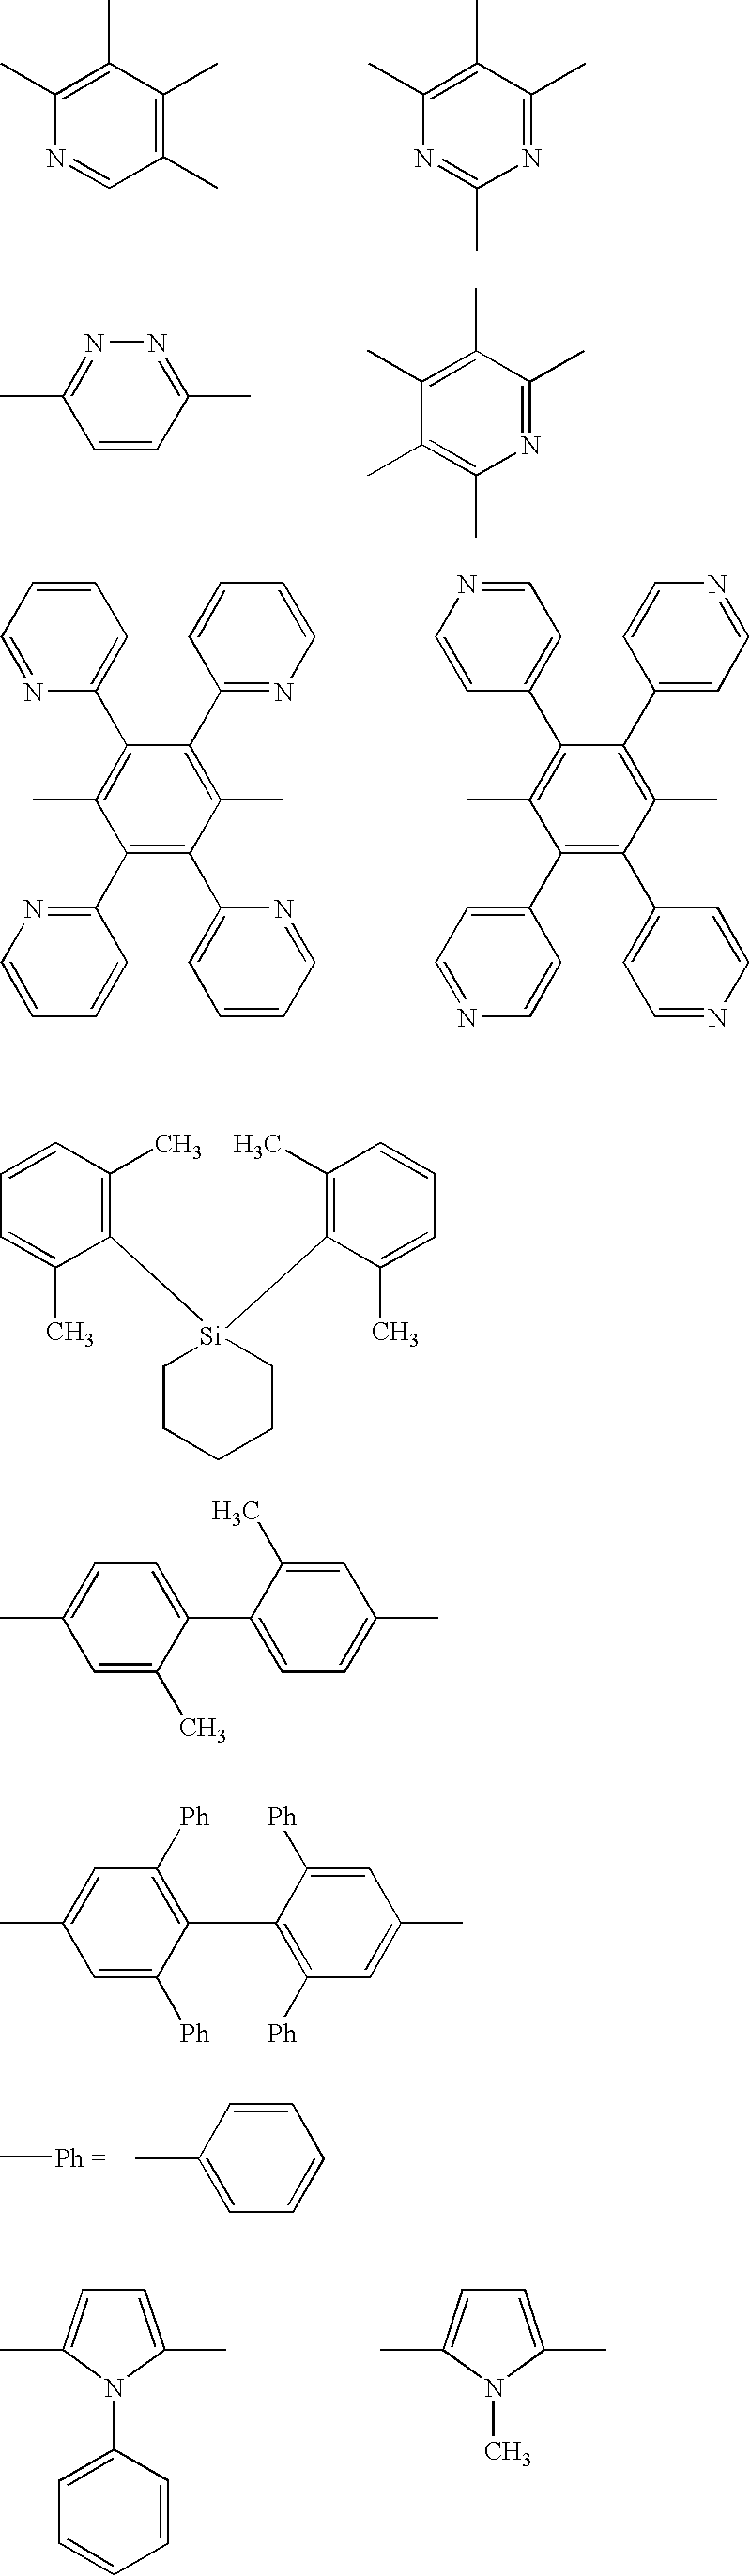 Figure US20060134464A1-20060622-C00021